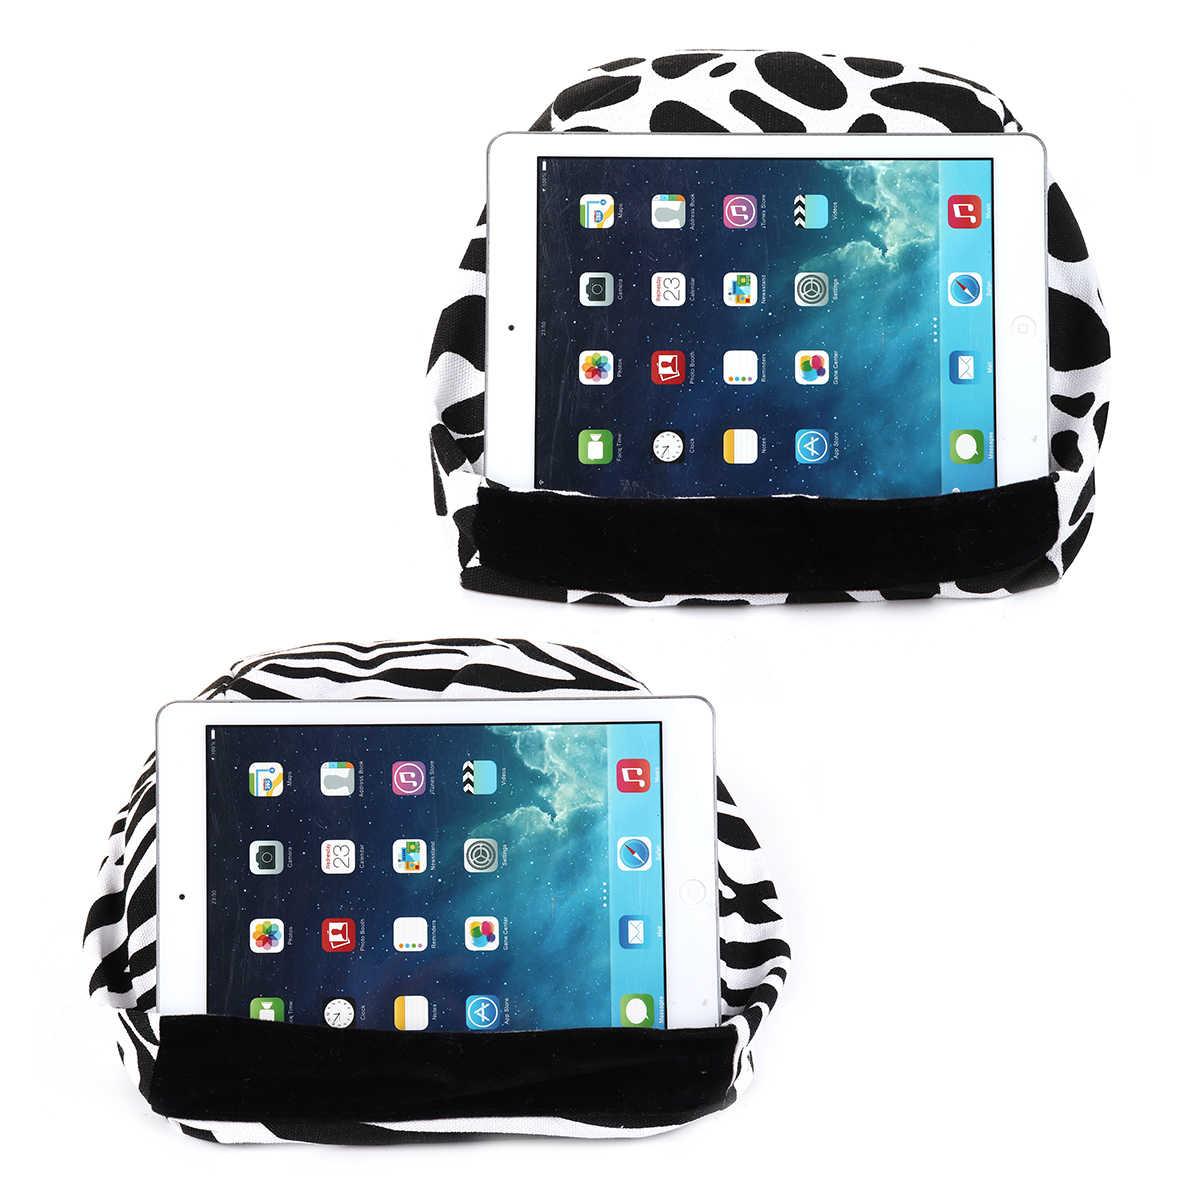 Lazy Bed Настольный держатель для ipad Lapdesk подушка для планшета держатель стоящий мобильный телефон планшет Подушка подставка колено Lap подушка для отдыха